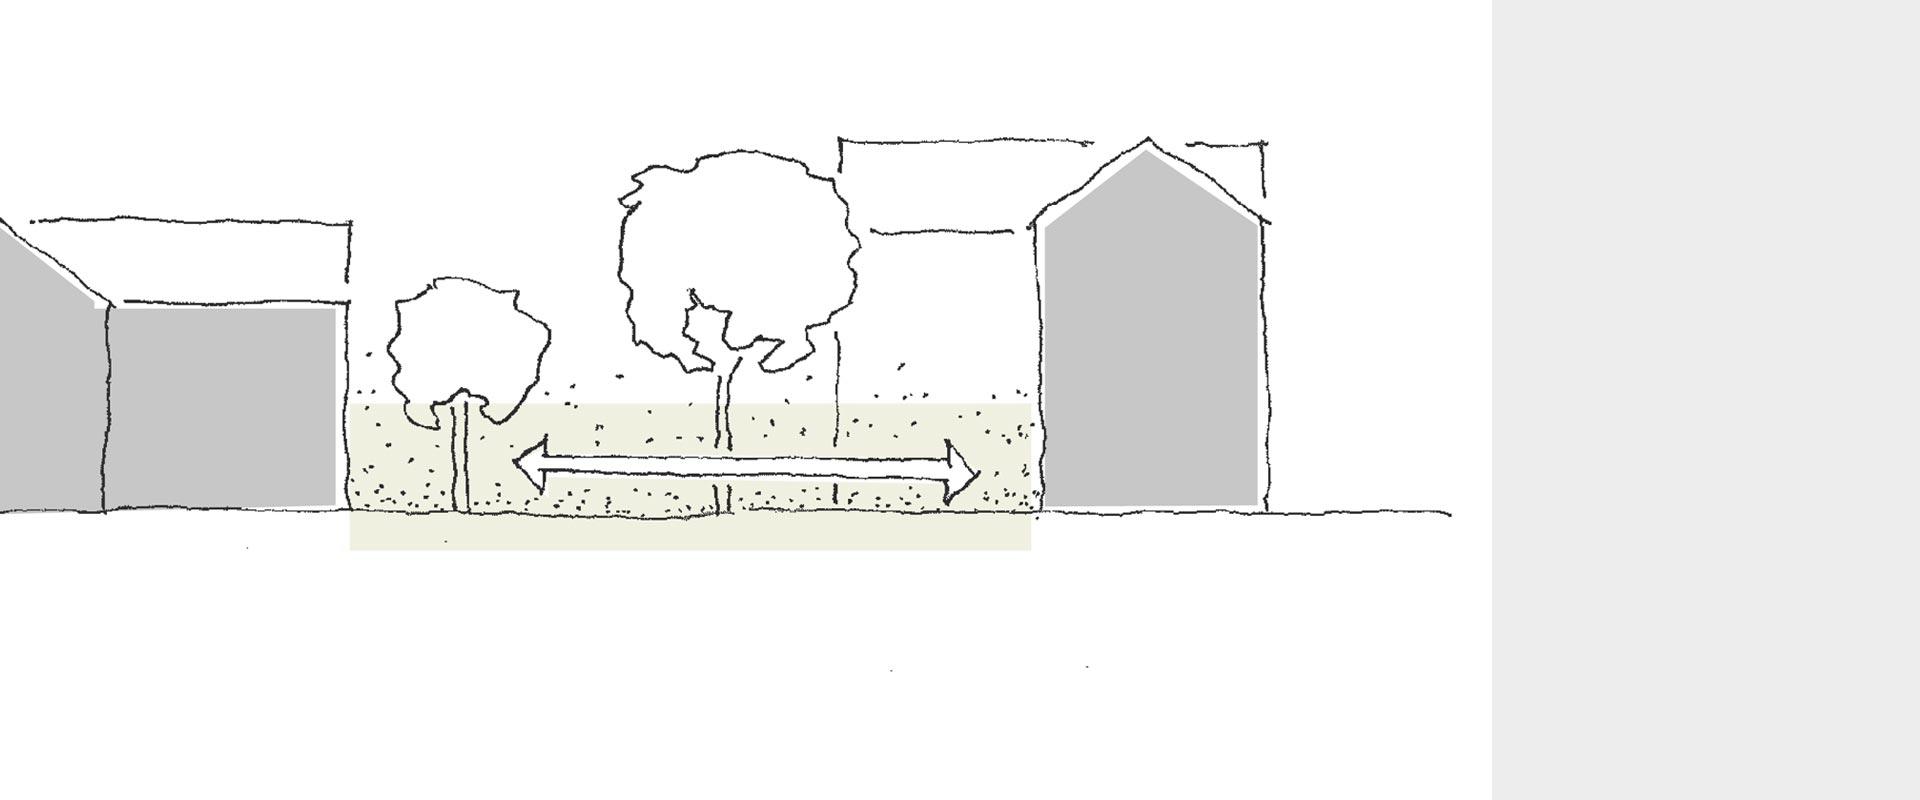 Architekturbüro musahl Waldshut Rathaus Dogern Erschließung